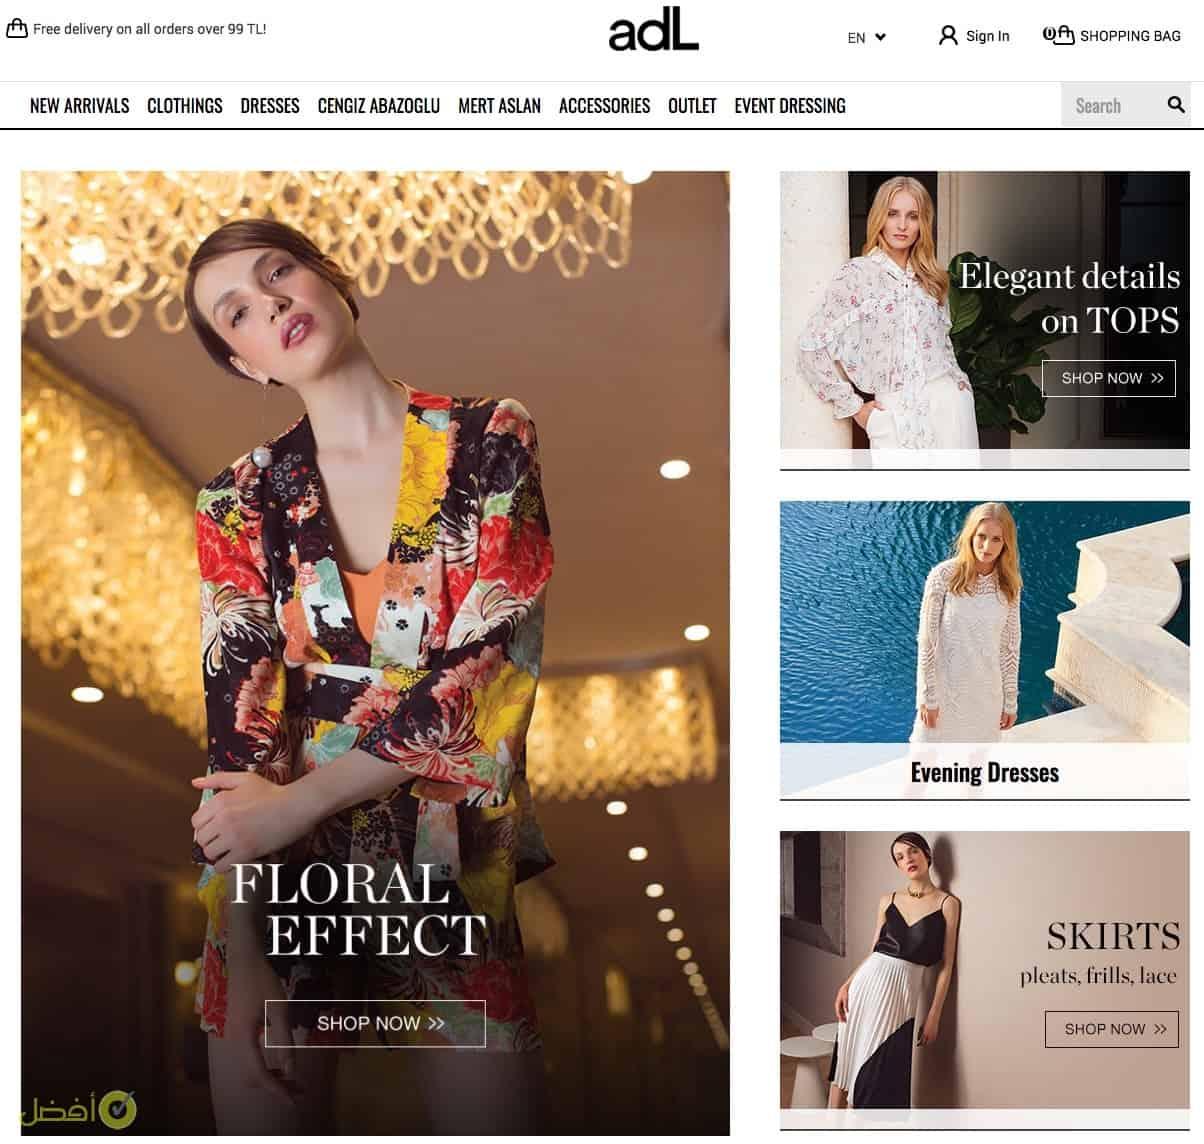 موقع ADL للفساتين والازياء التركية